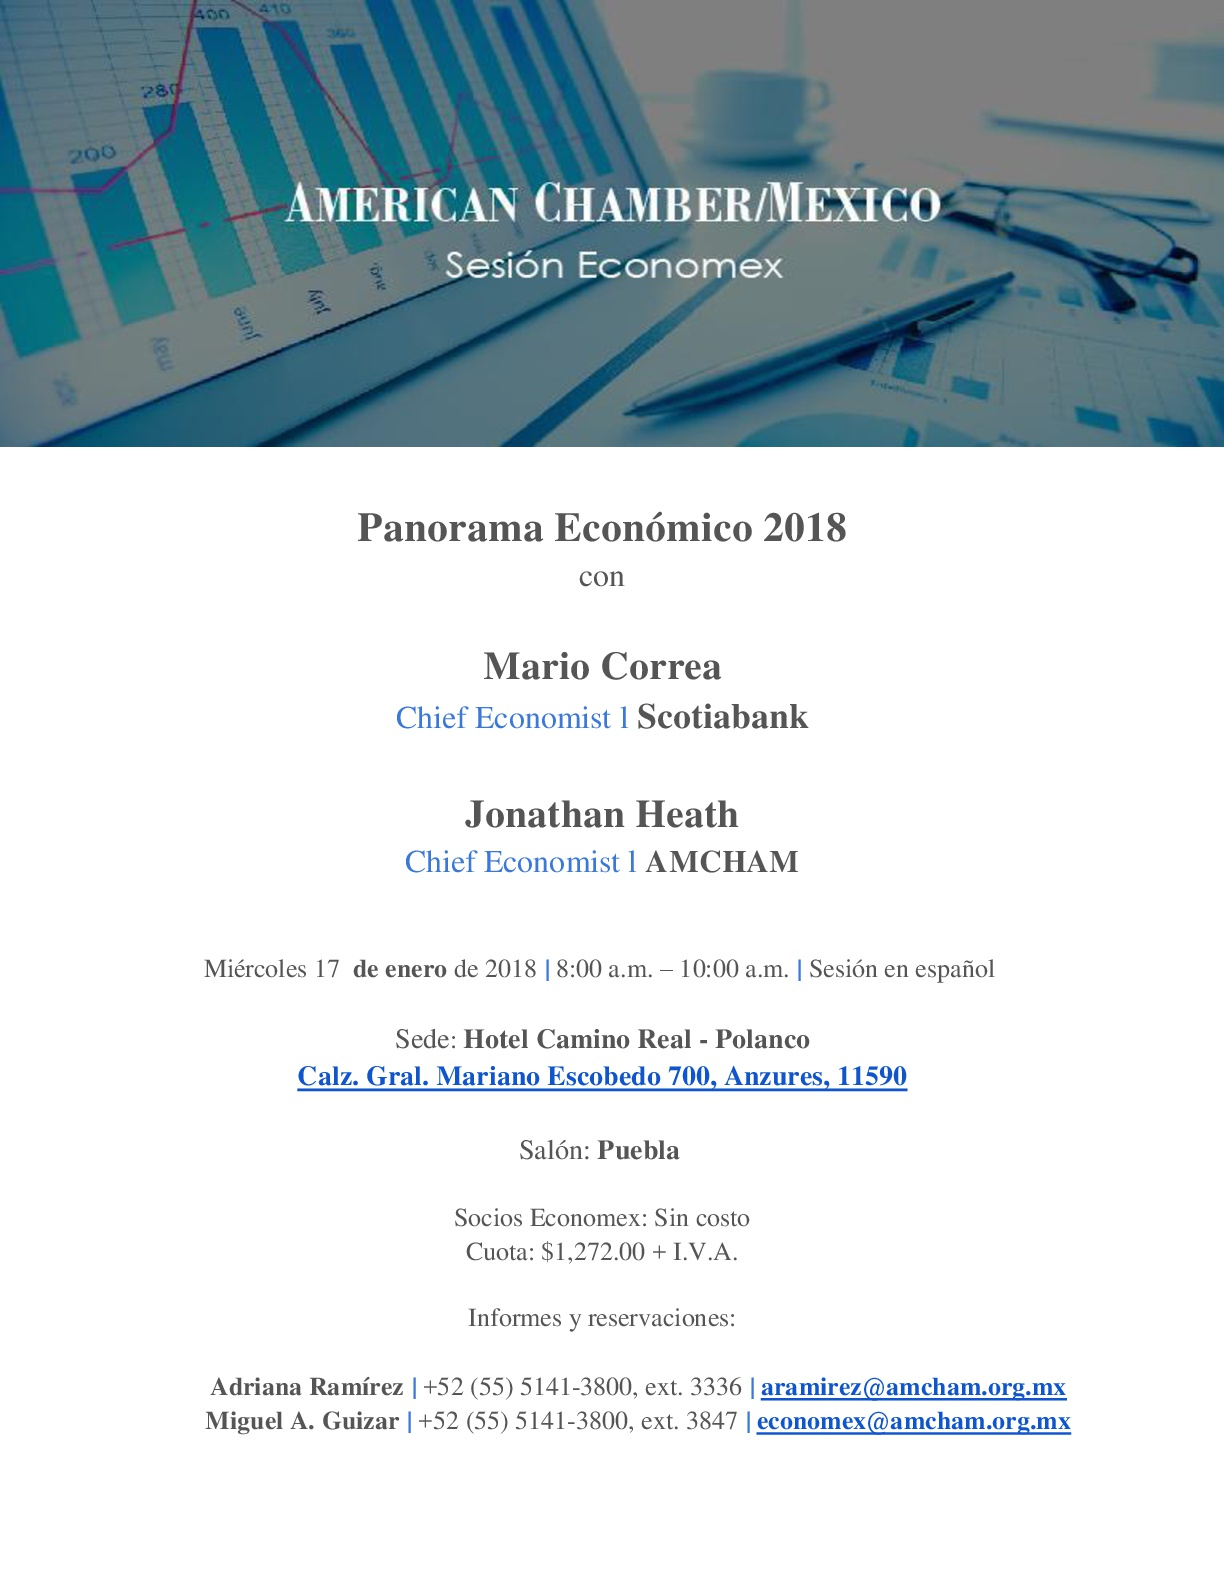 Sesión Economex Miércoles 17 de Enero Panorama Económico 2018